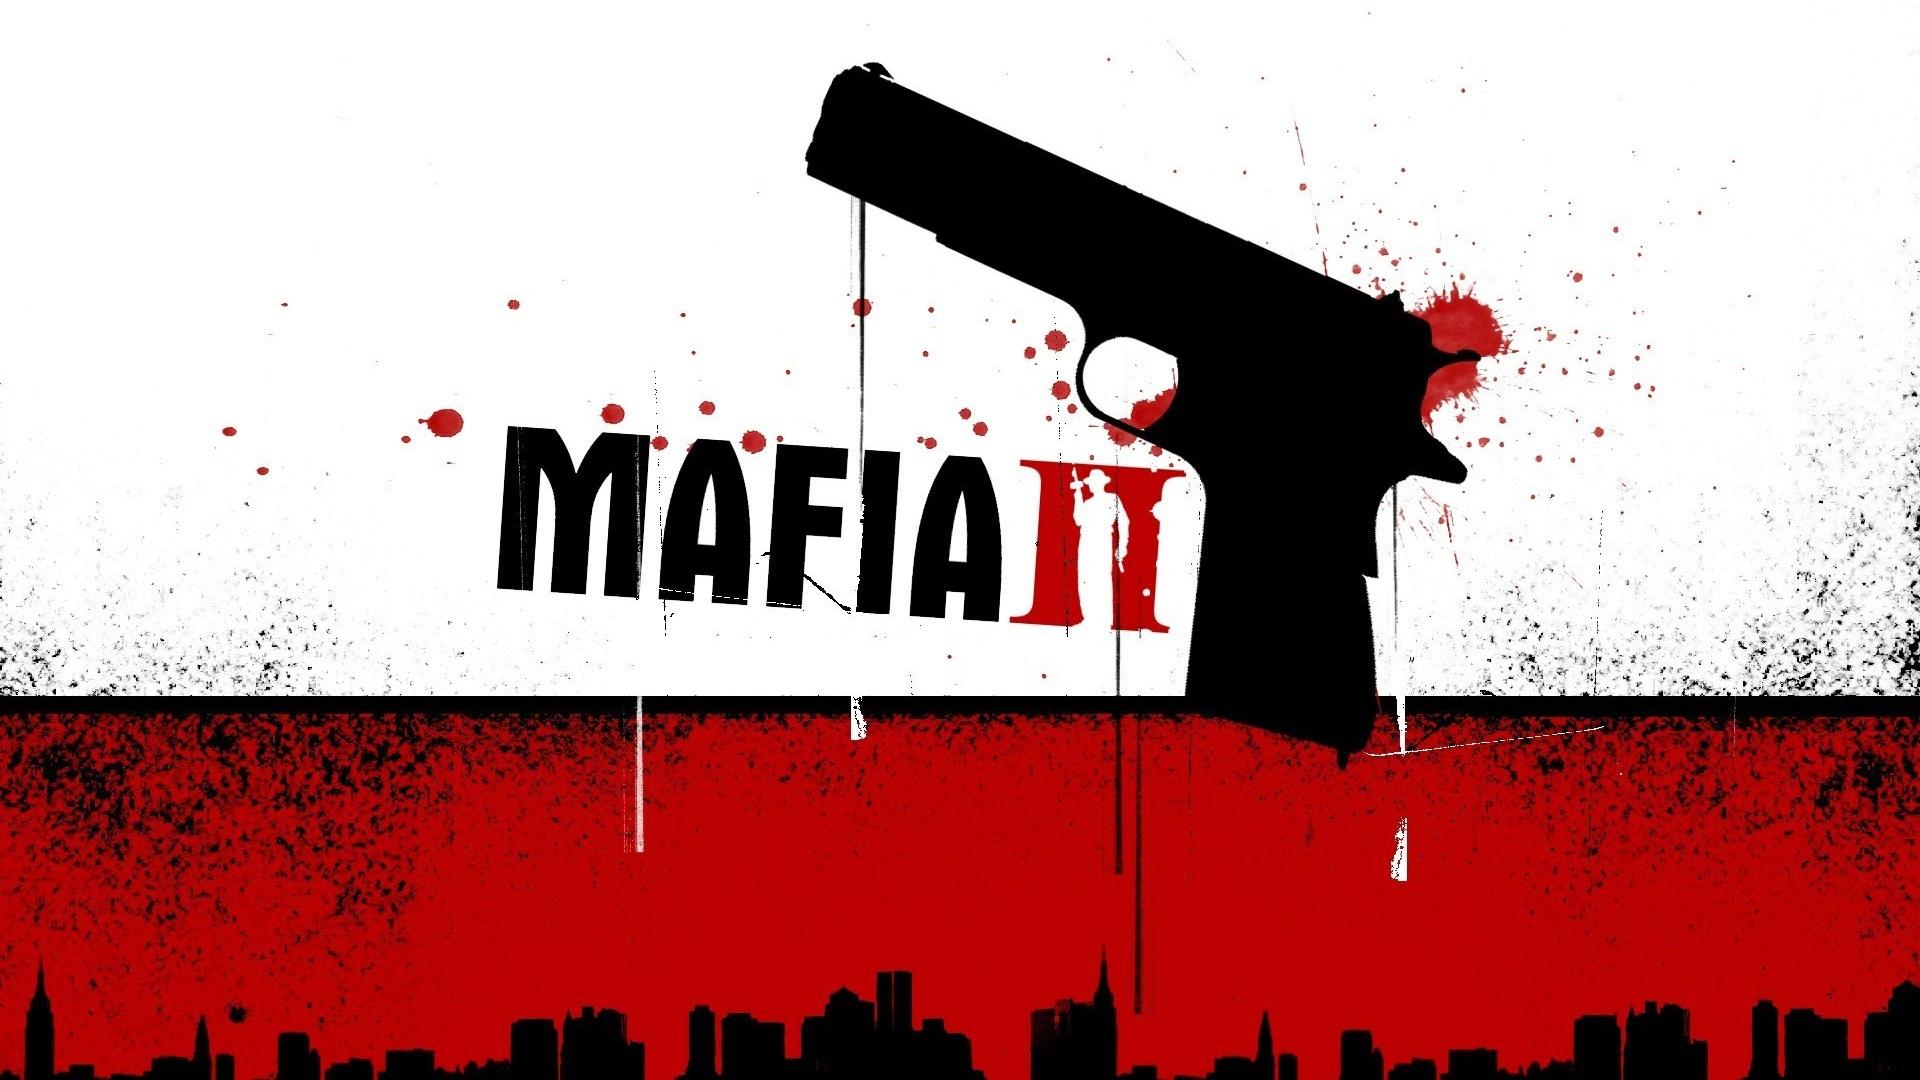 Mafia 2 wallpapers full hd